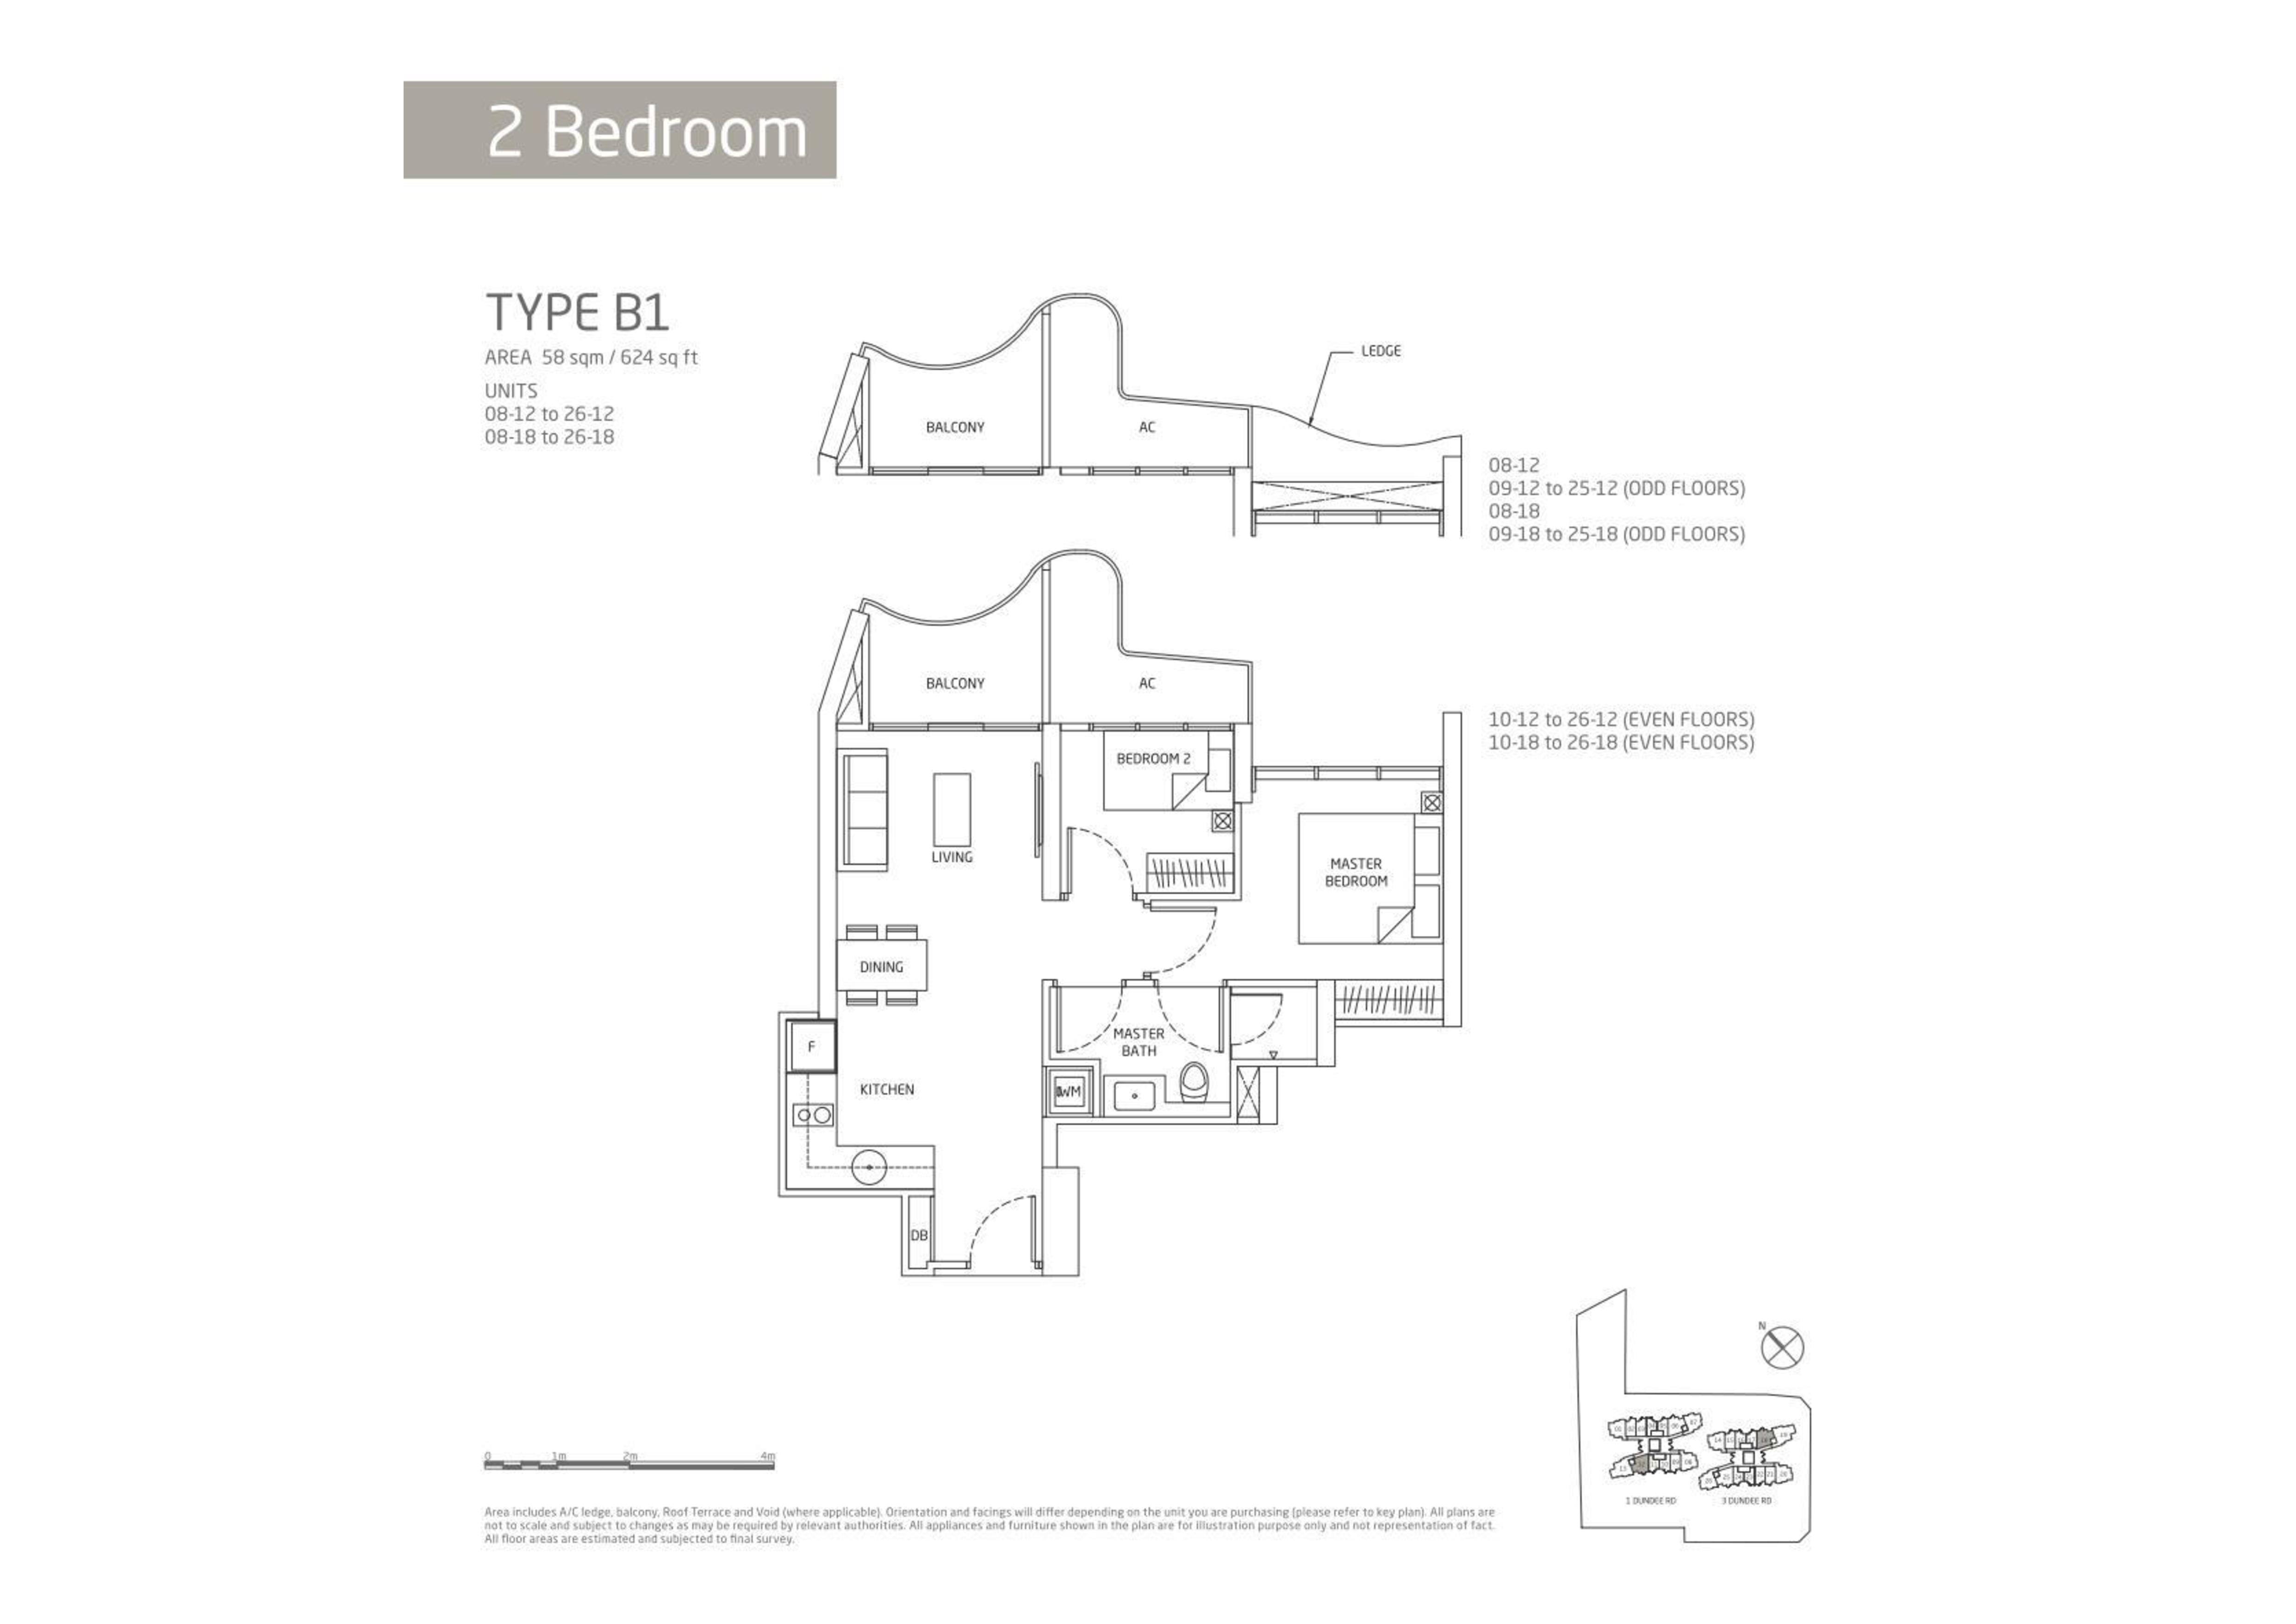 Queens Peak 2 Bedroom Floor Plans Type B1